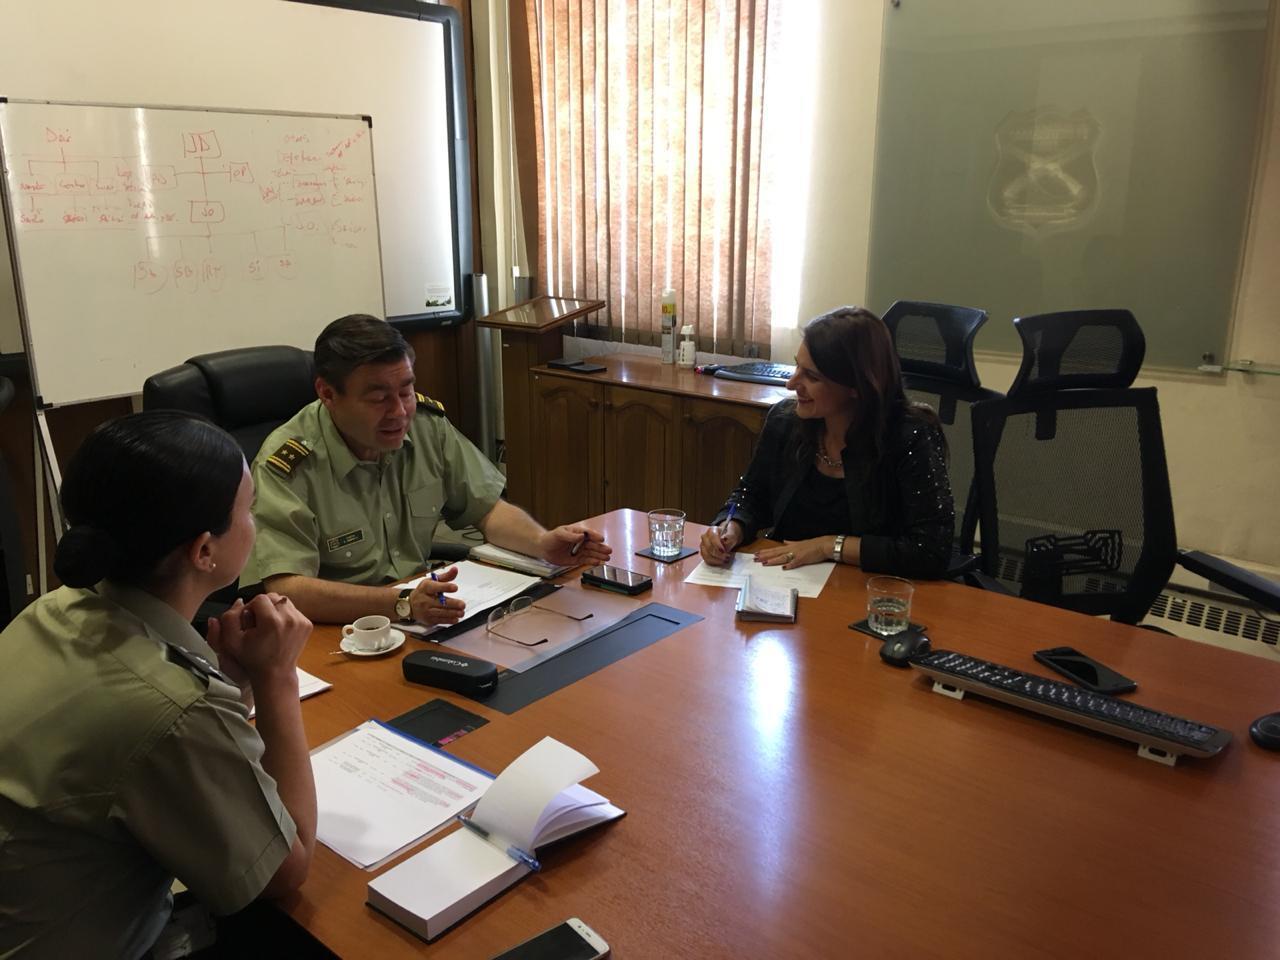 Diputada Sofía Cid se reúne con el  Director de Planificación y Desarrollo de Carabineros de Chile para abordar el presupuesto de inversión para la seguridad en Atacama